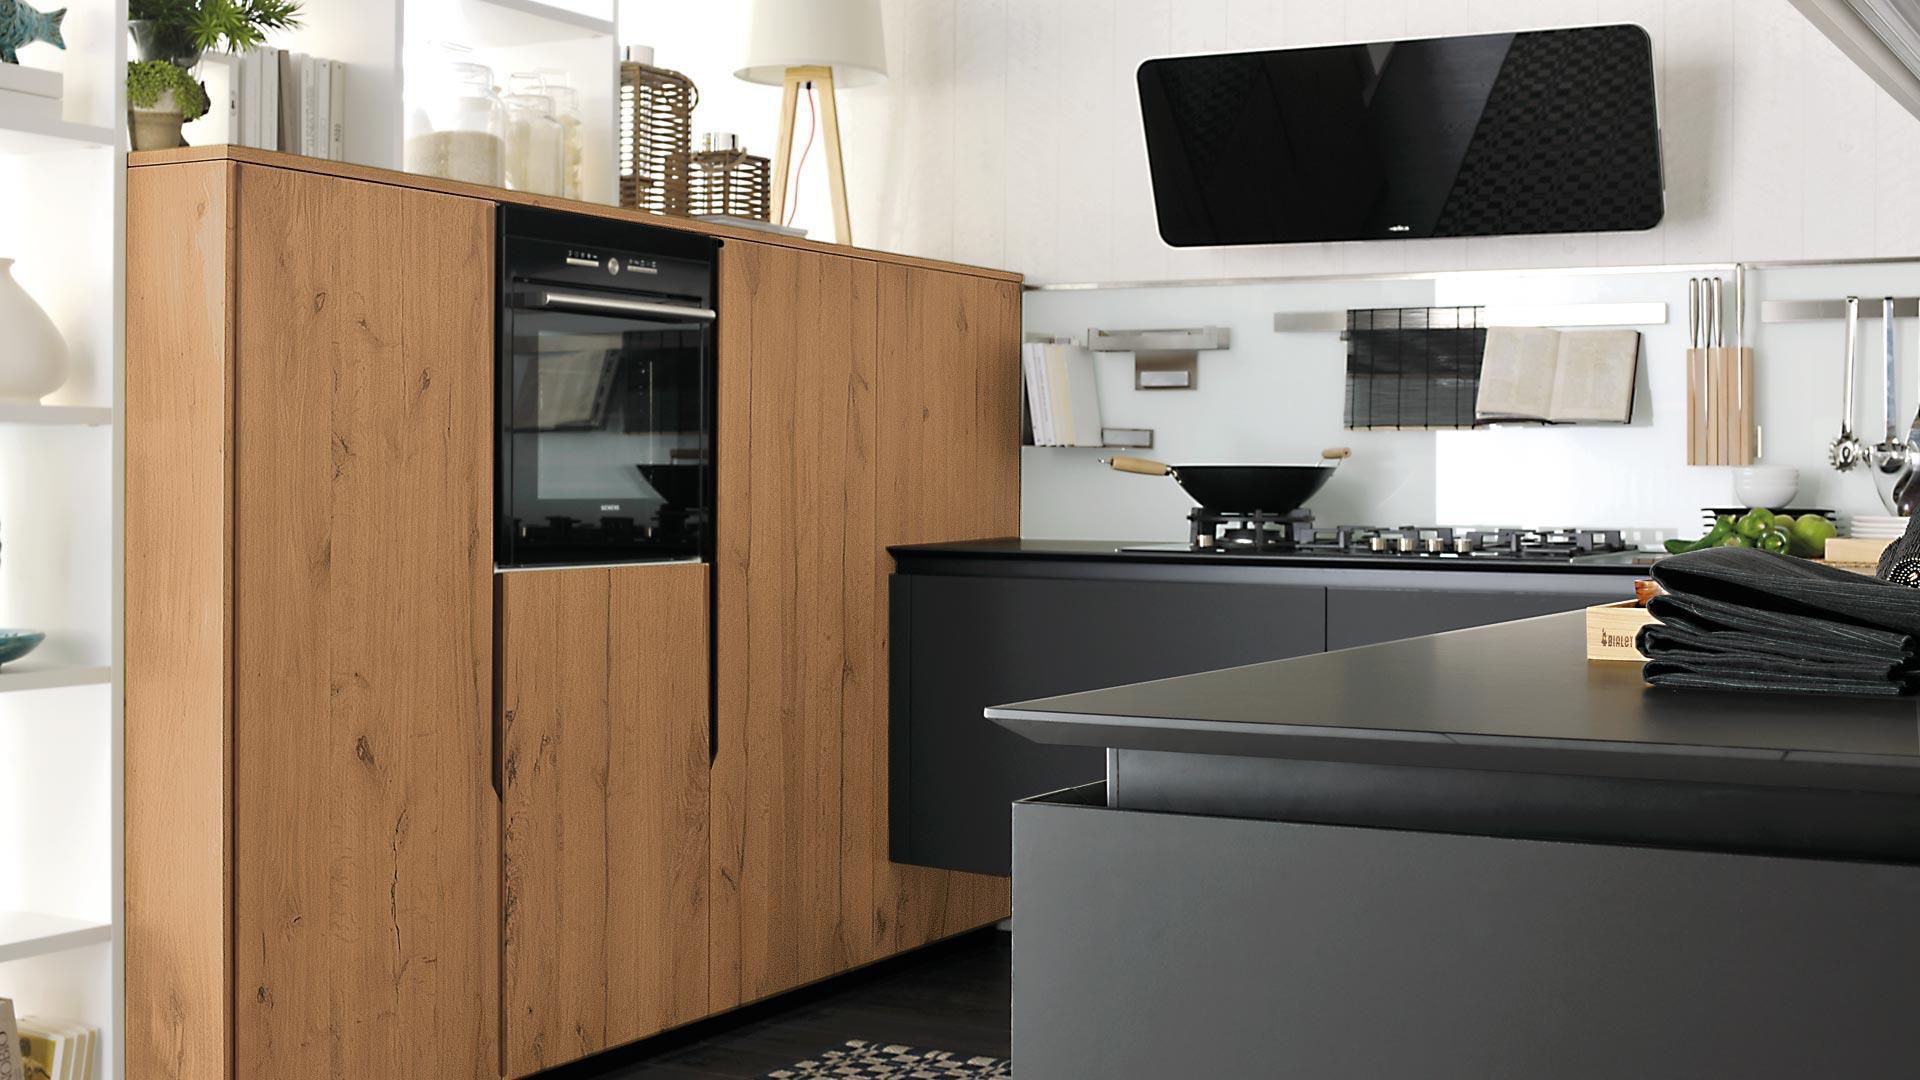 Cucina moderna / in legno / opaca / laccata - OLTRE - CUCINE LUBE